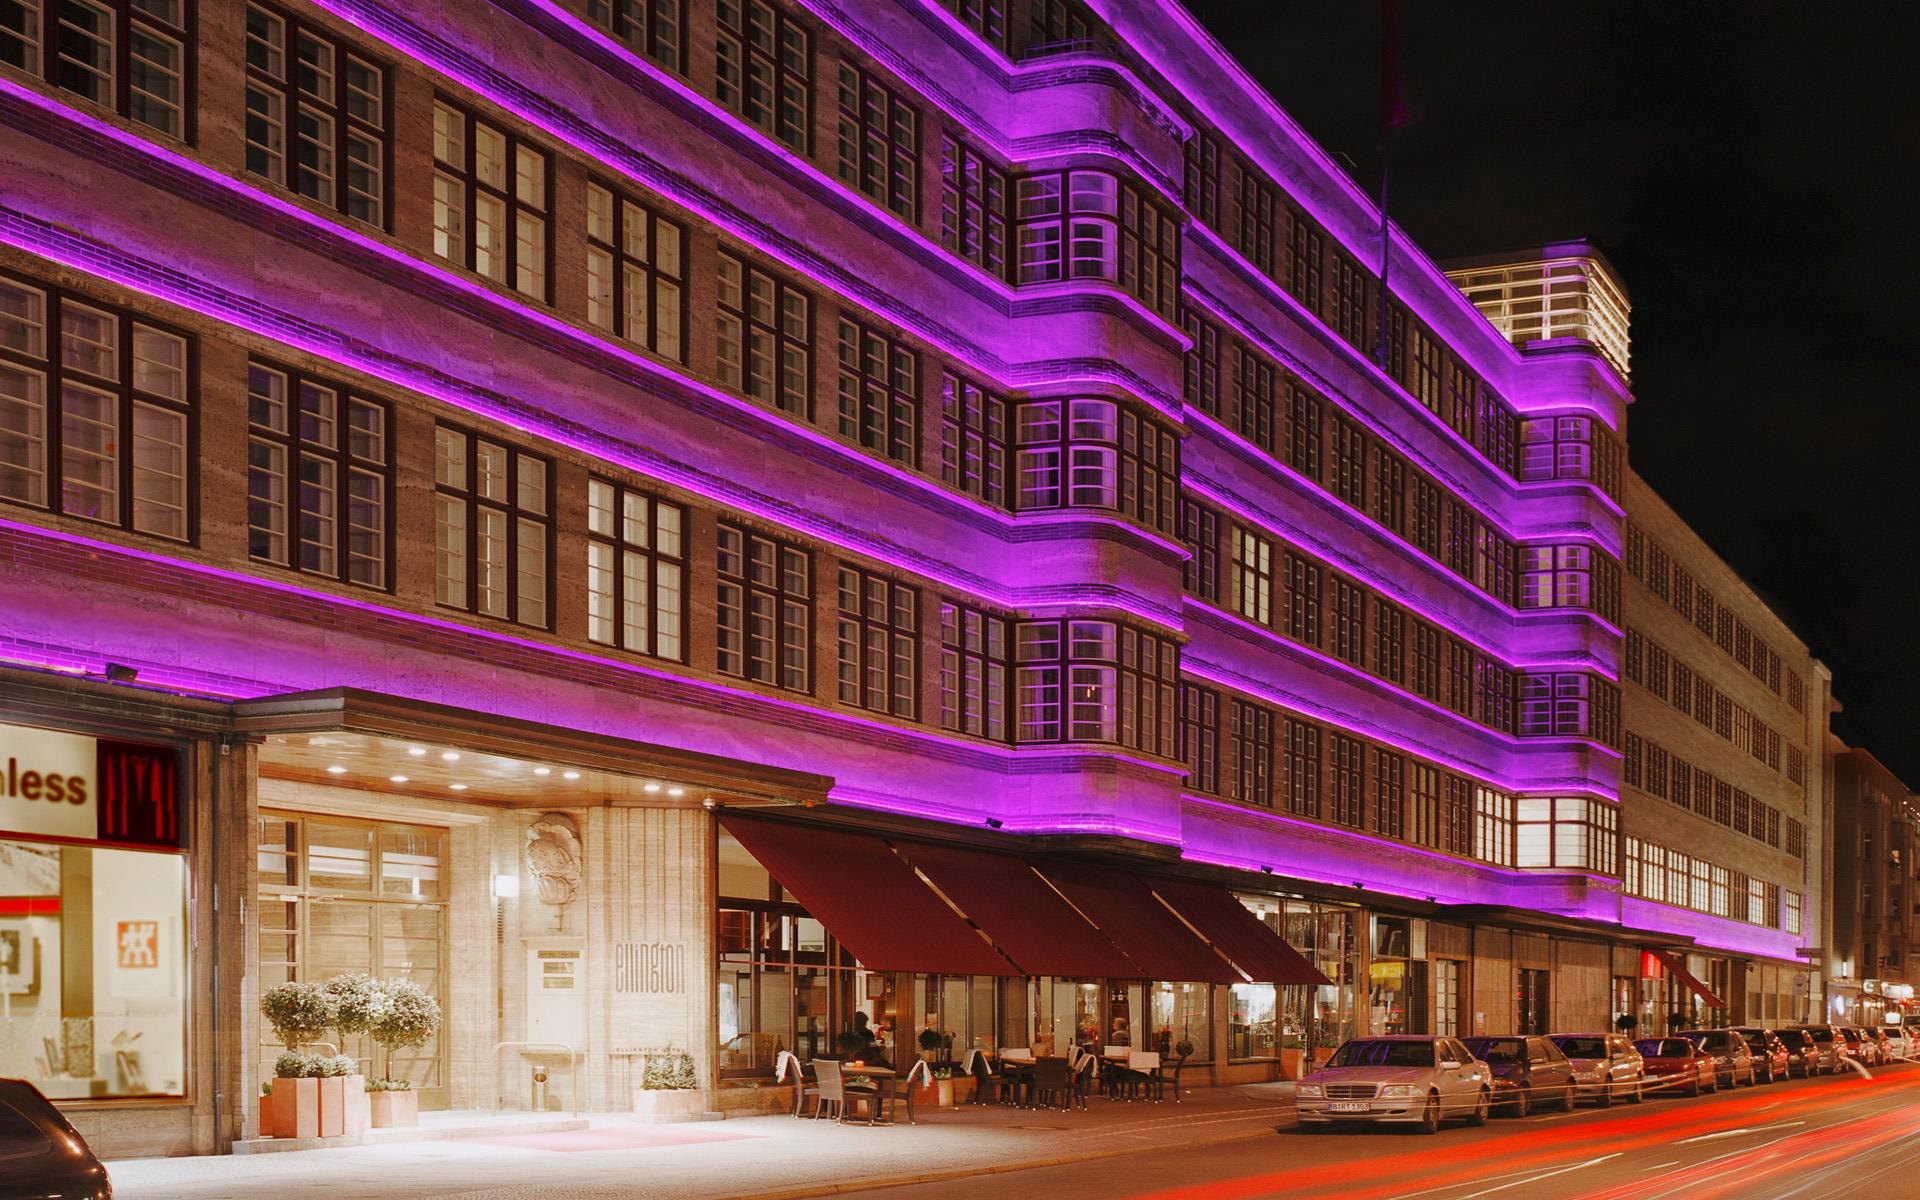 Das Ellington Hotel in Berlin bei Nacht